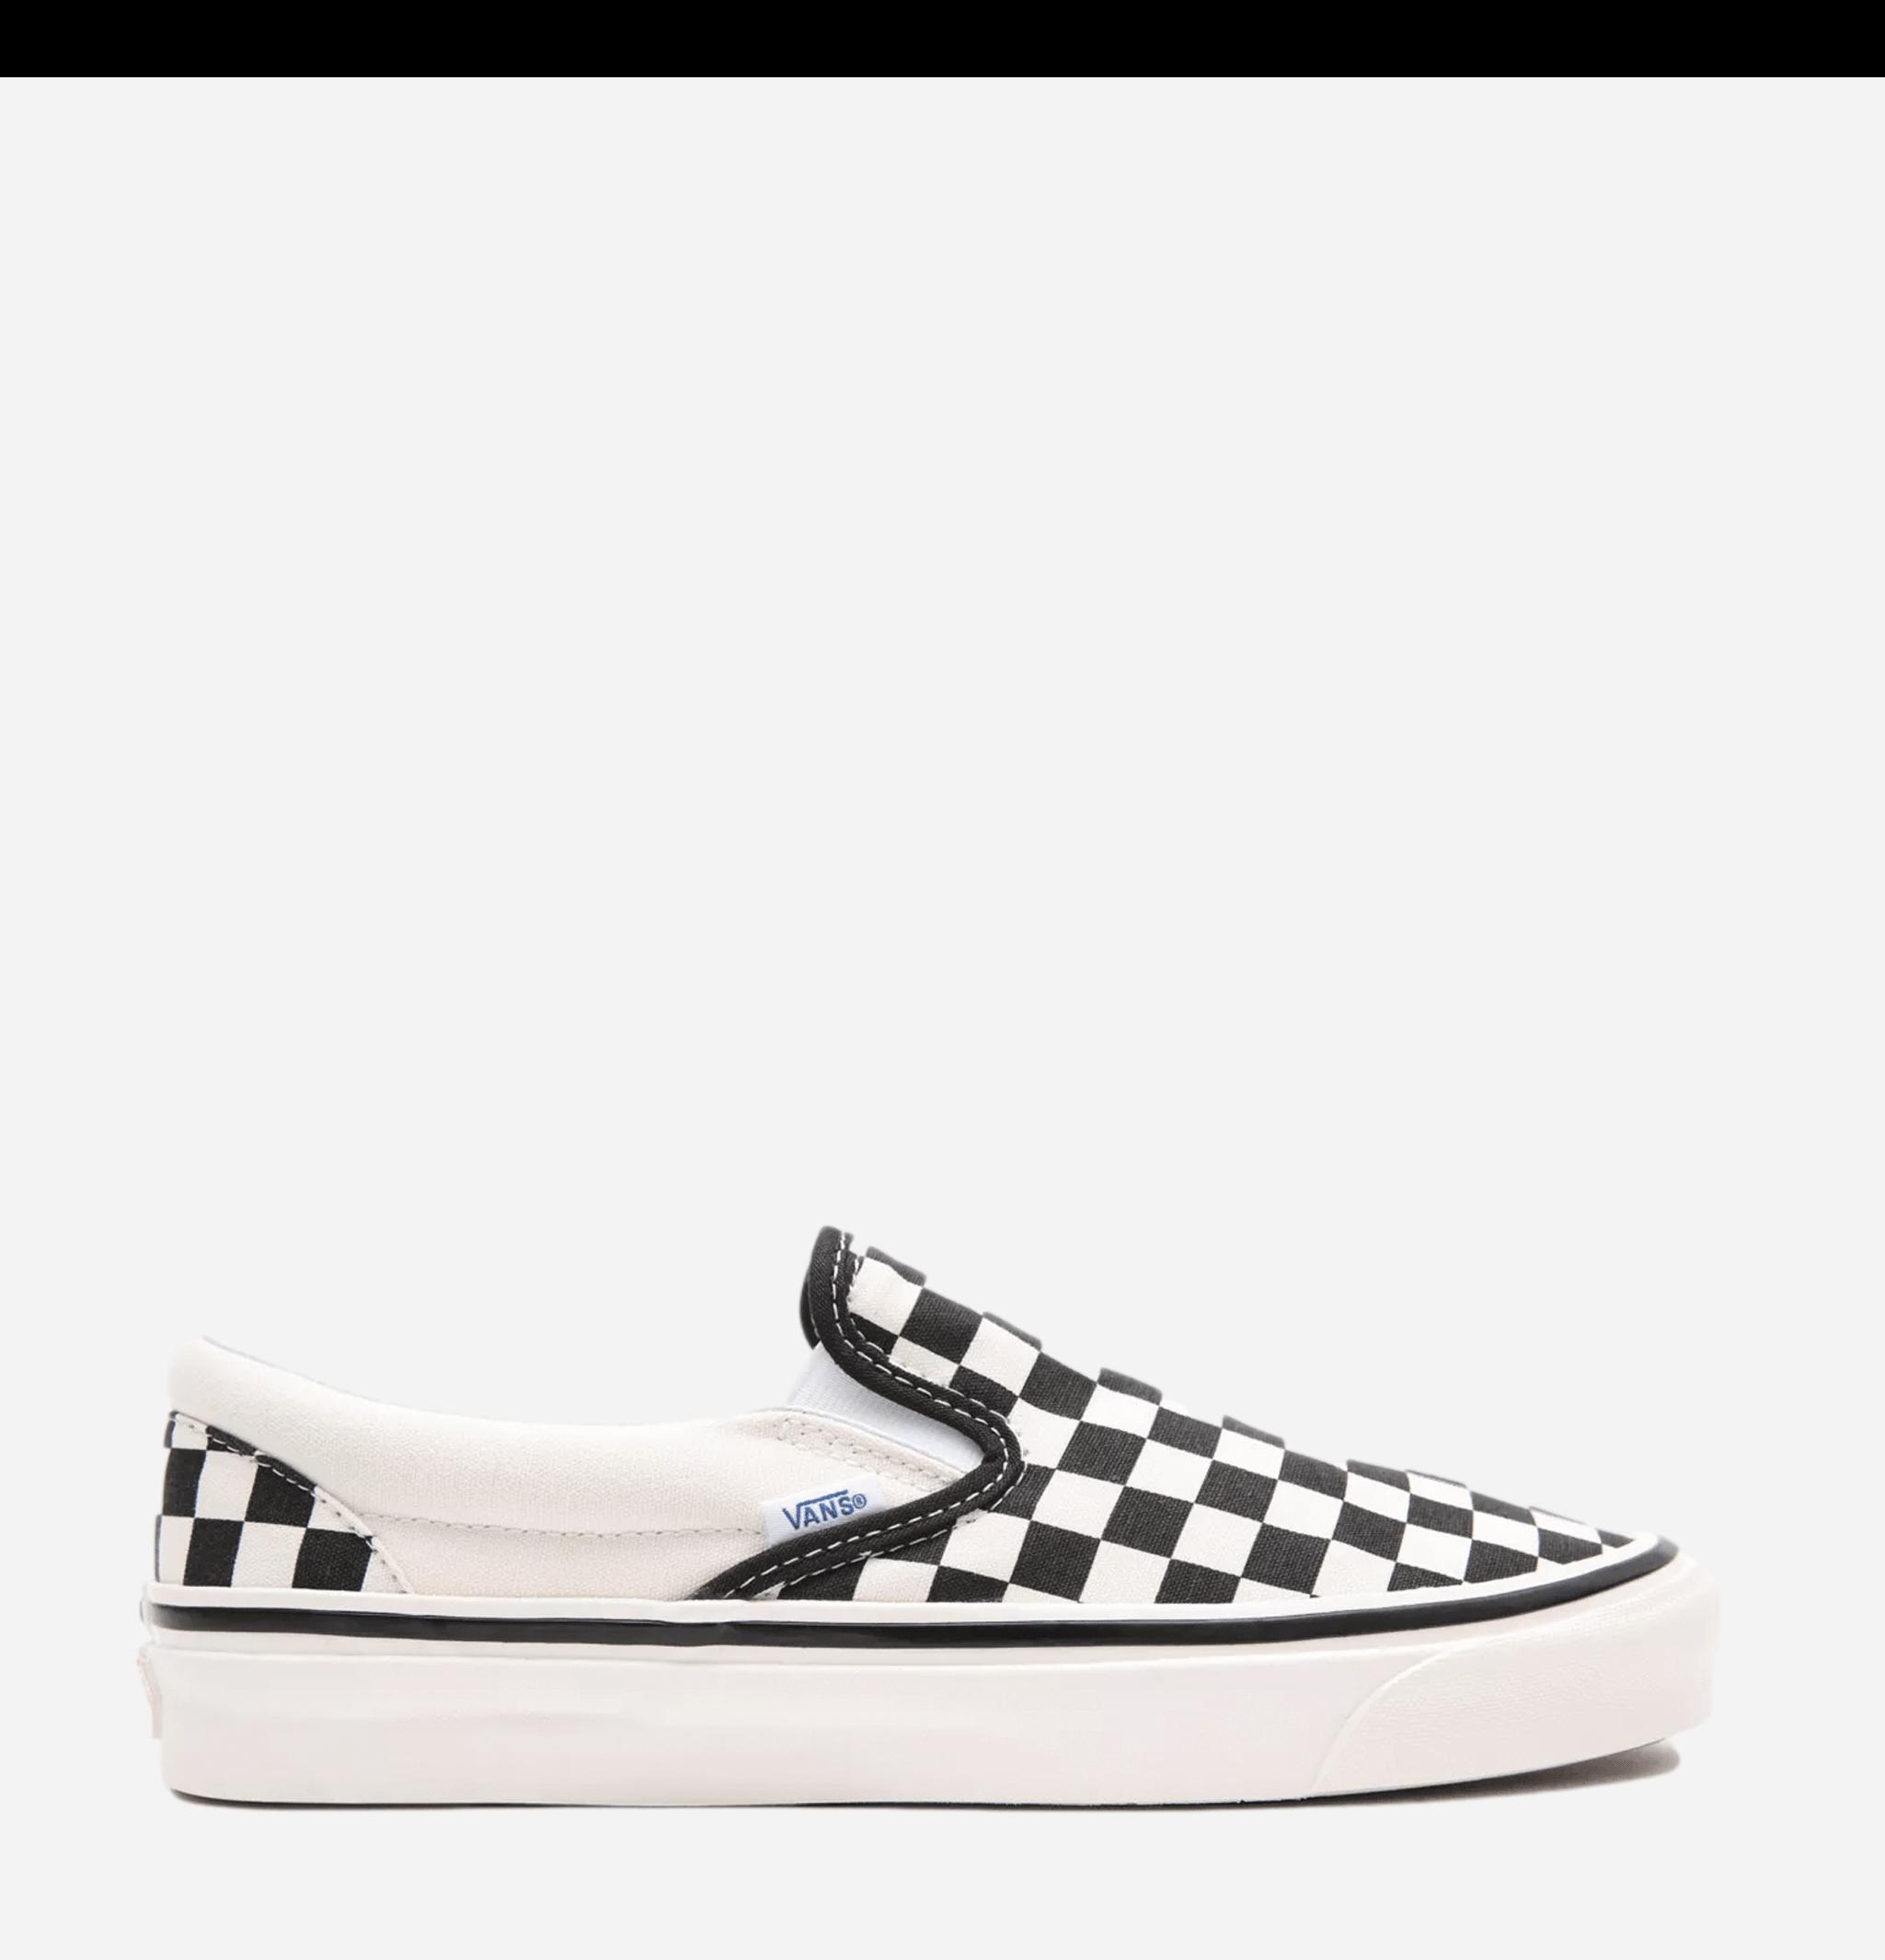 Slip-on Anaheim Checker